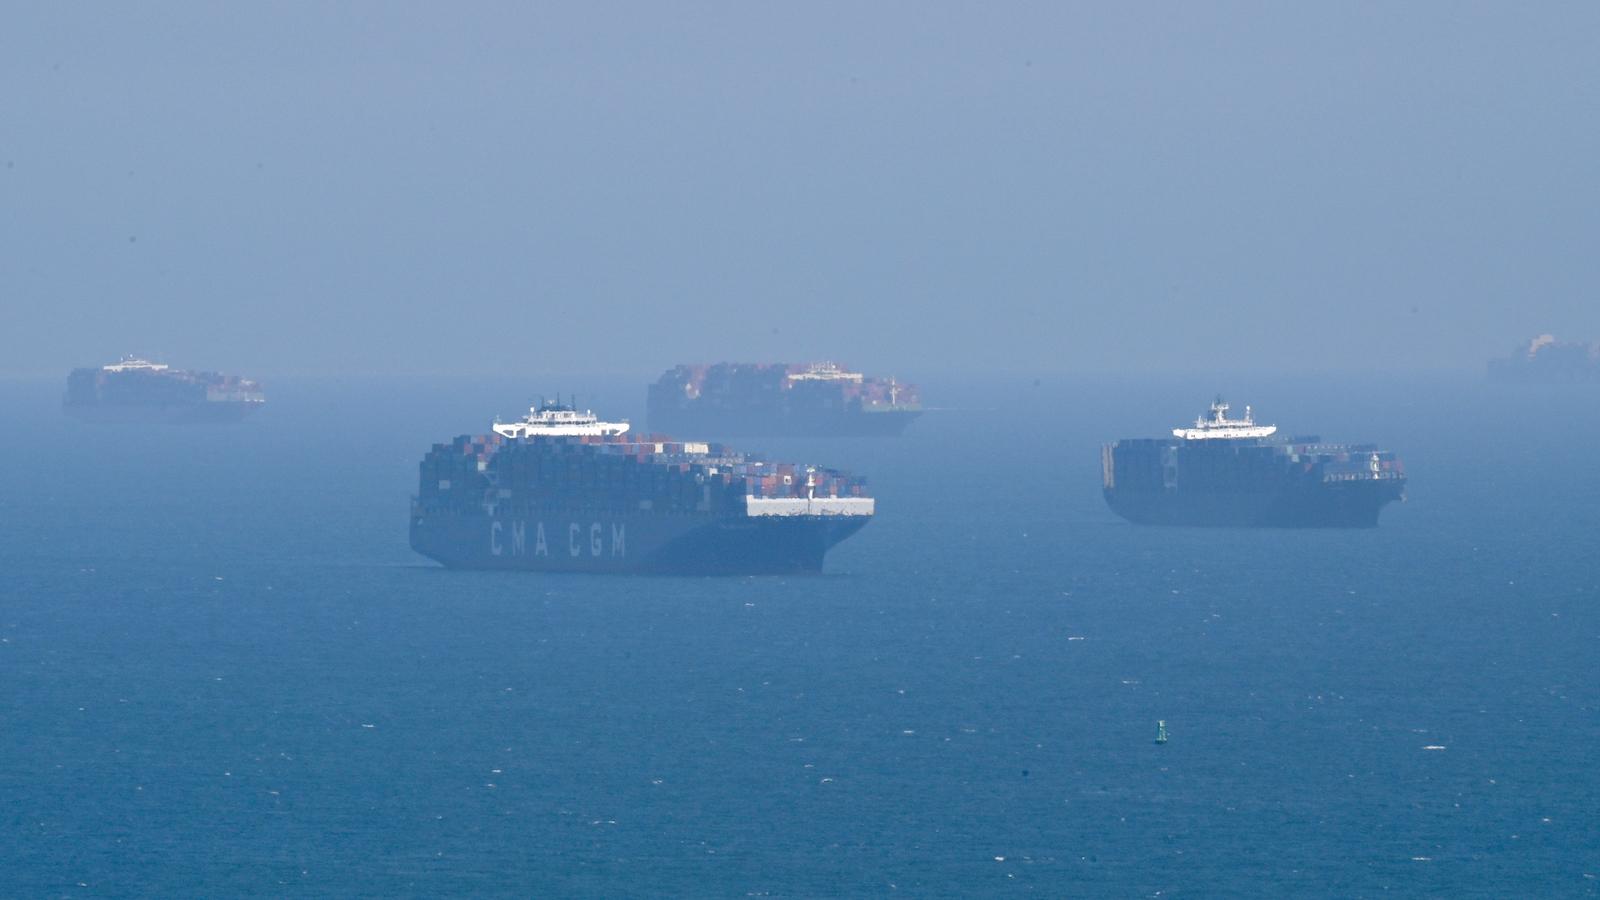 Cargo ships off Long Beach, California